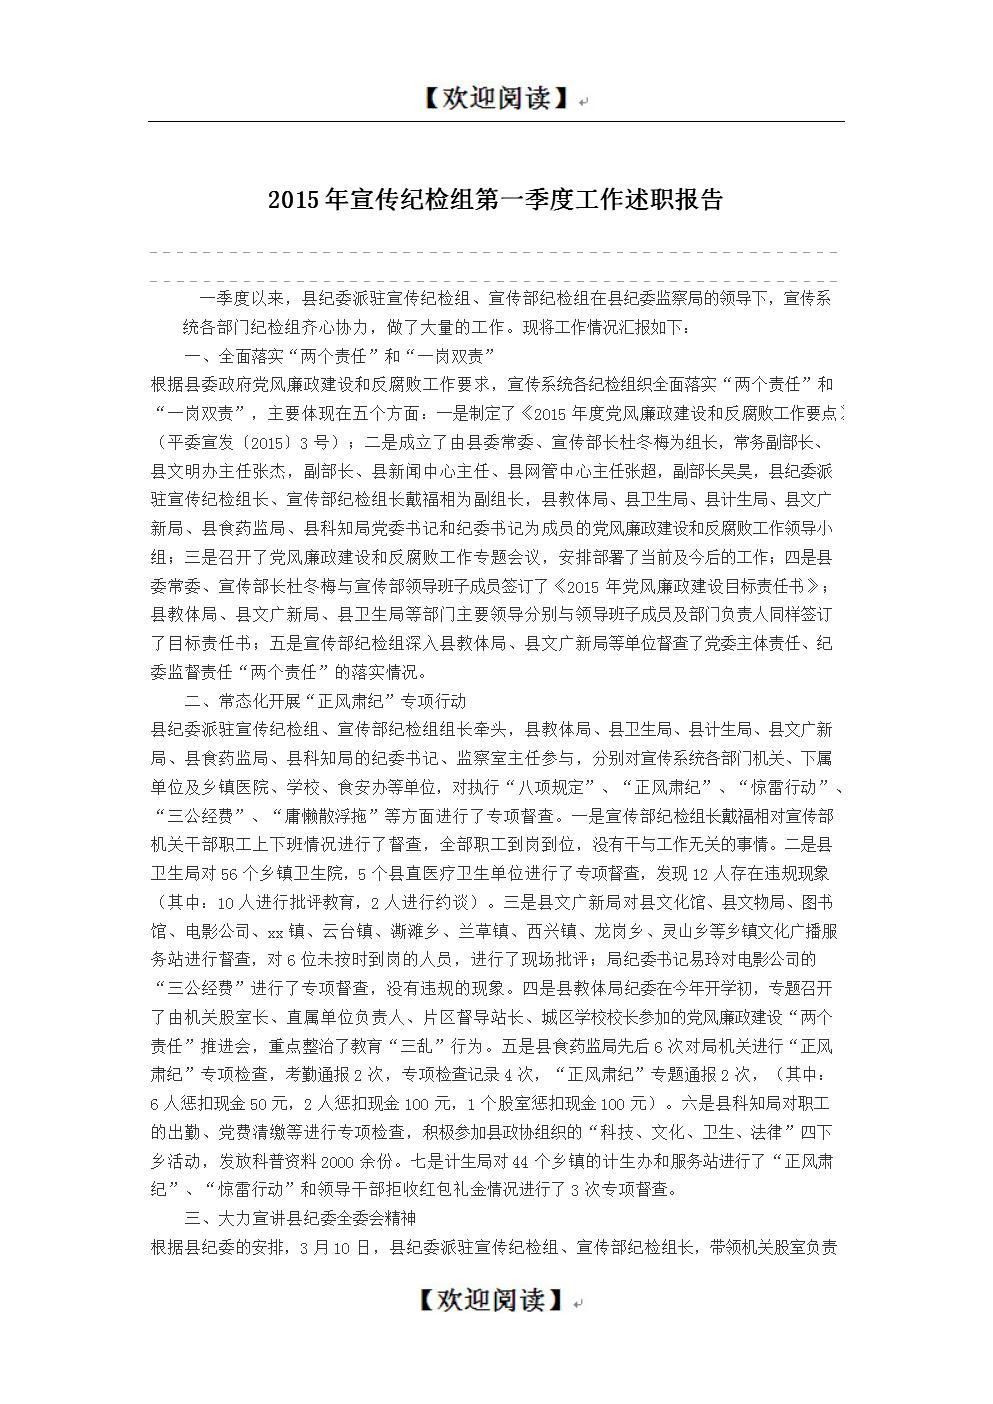 2015年宣传纪检组第一季度工作述职报告.doc